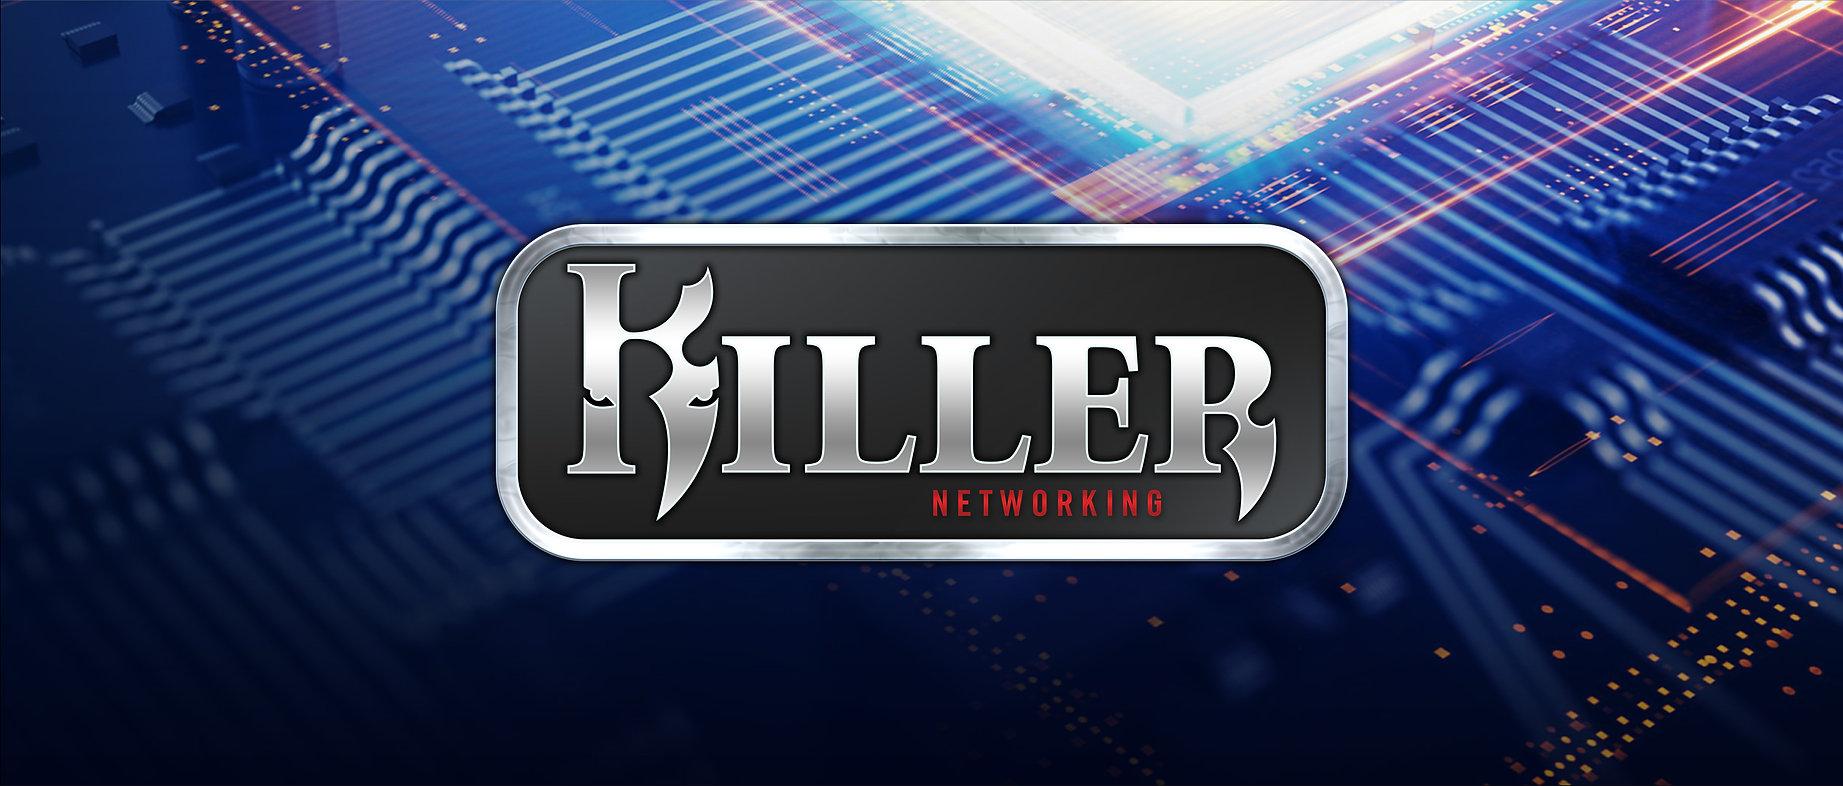 Killer_1.jpg